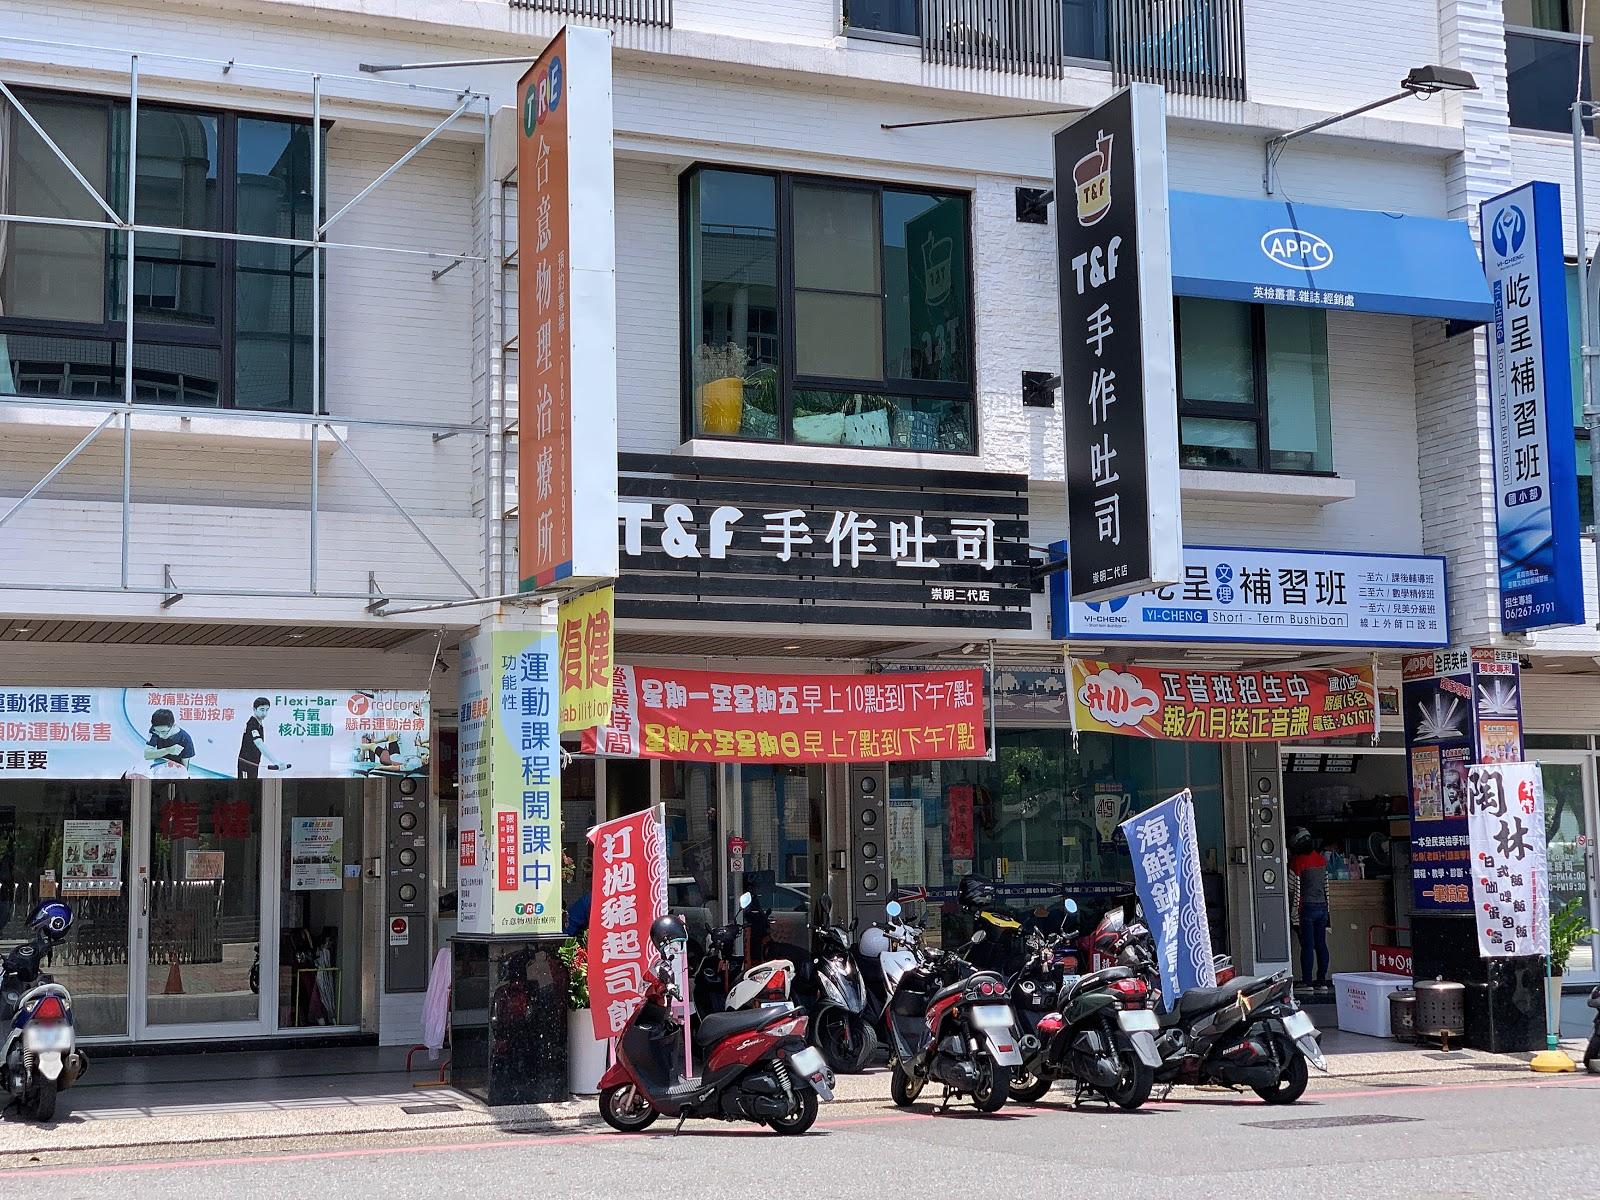 台南東區美食【T&F手作吐司 崇明店】外觀介紹